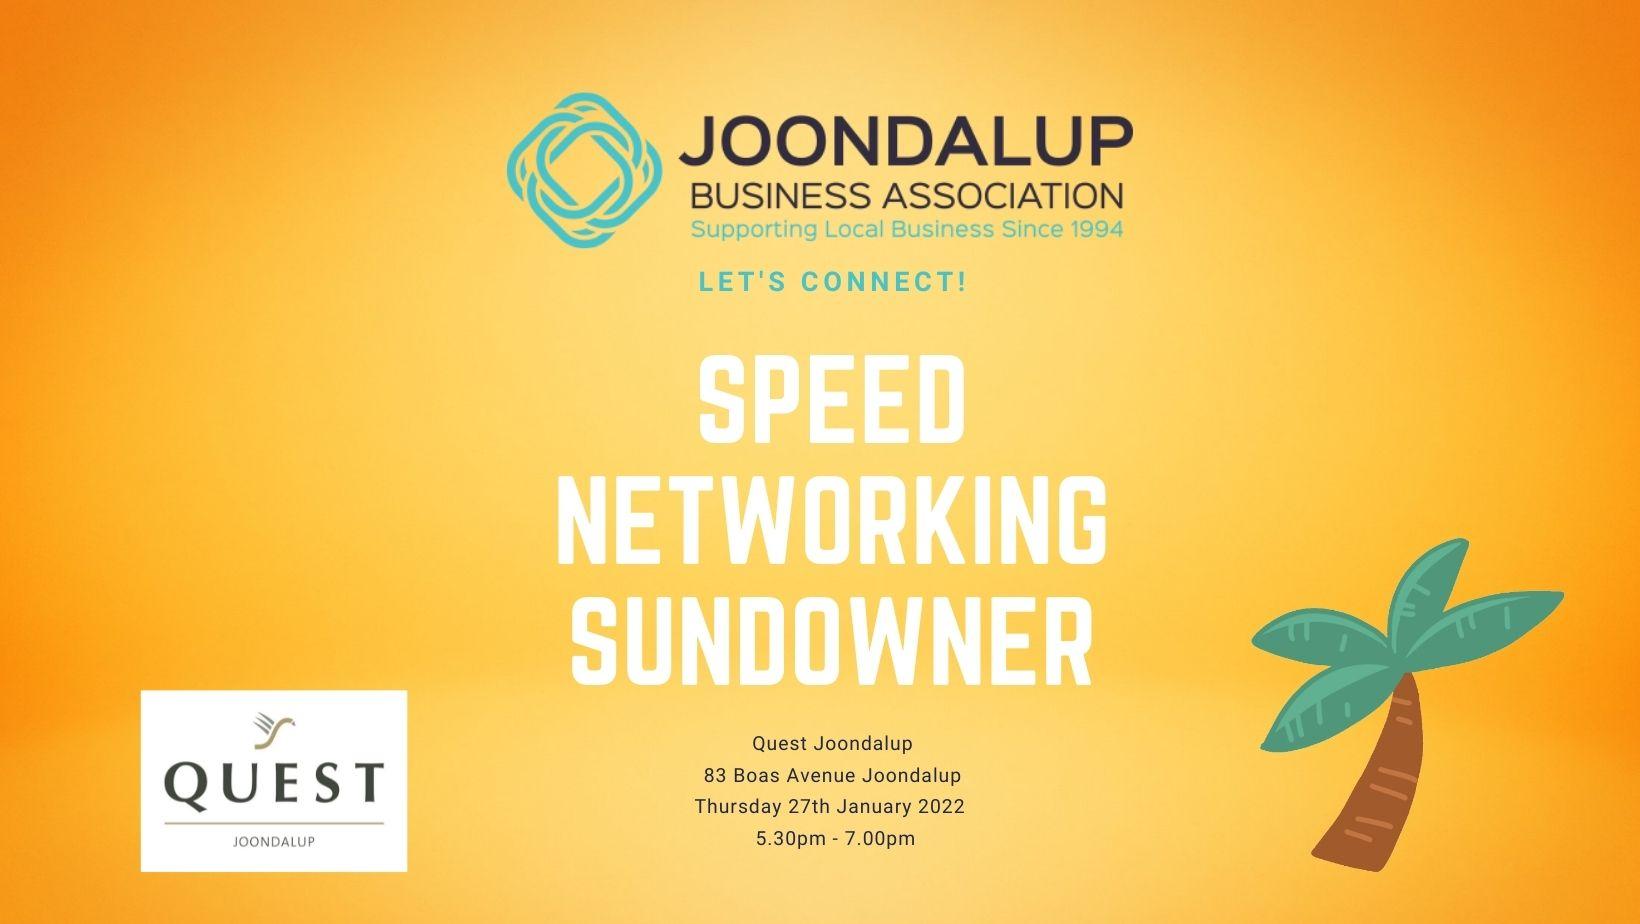 Speed Networking Sundowner - Quest Joondalup